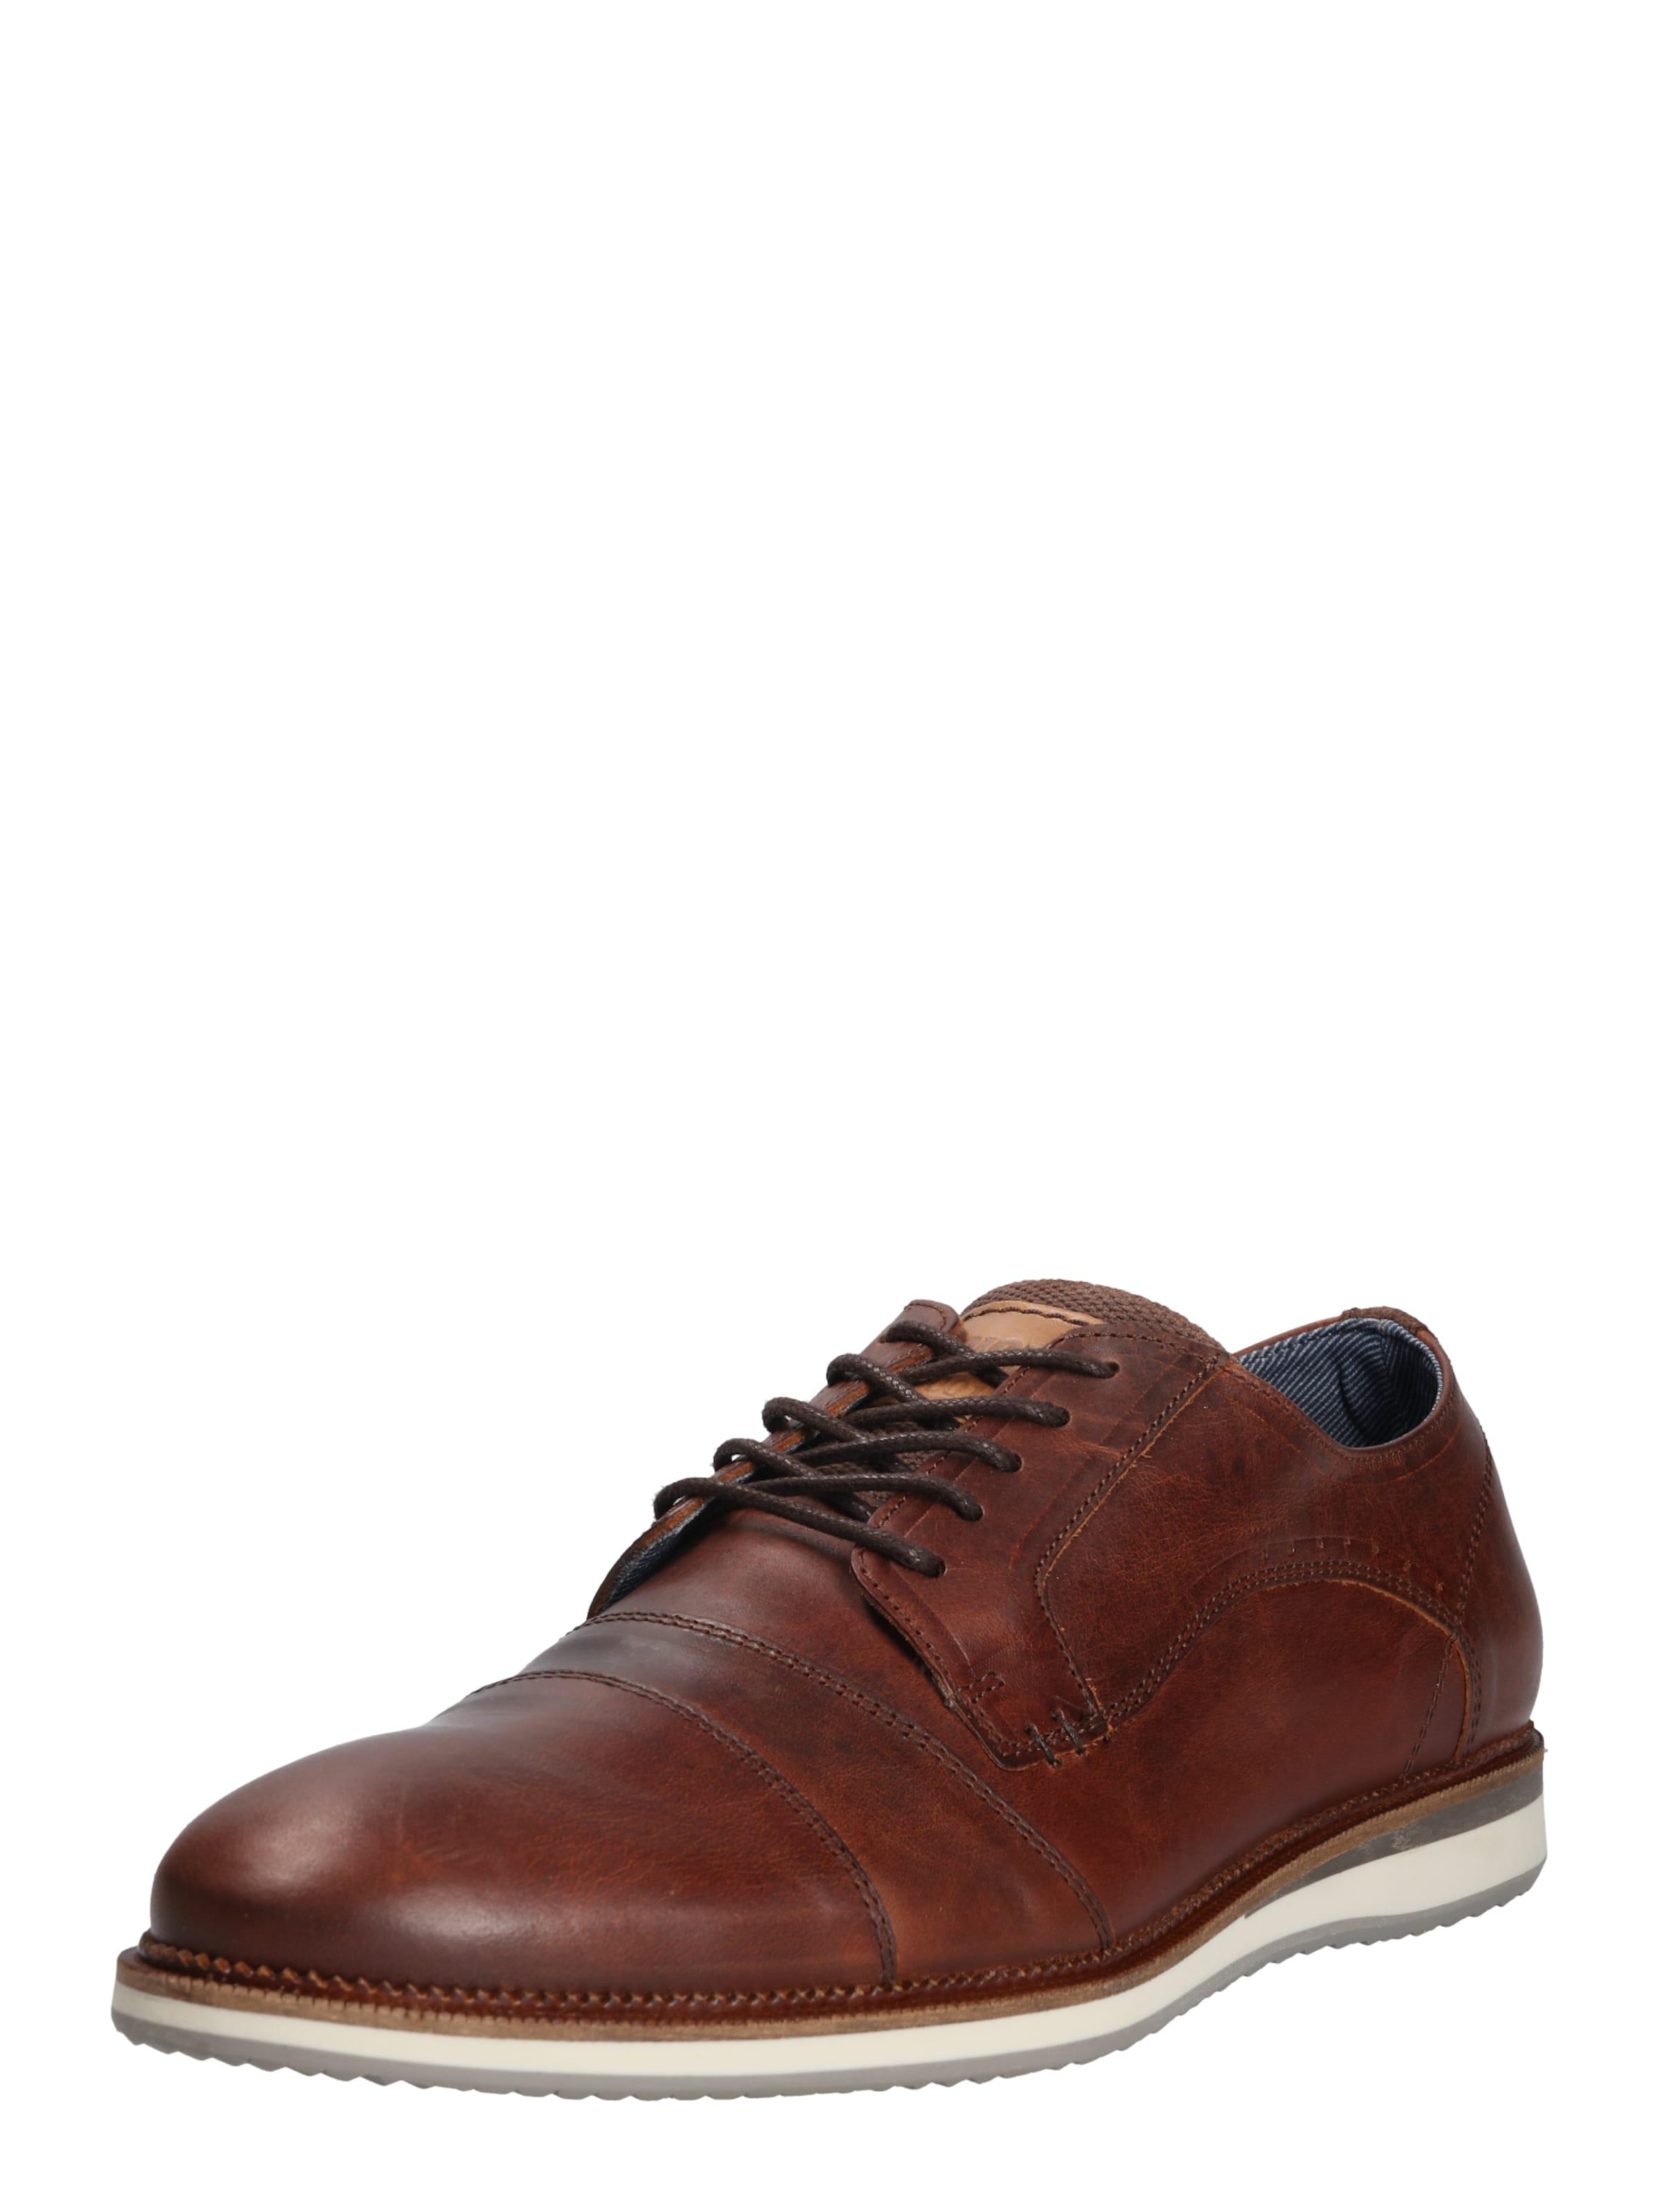 BULLBOXER Schnürschuh Verschleißfeste billige Schuhe Hohe Qualität